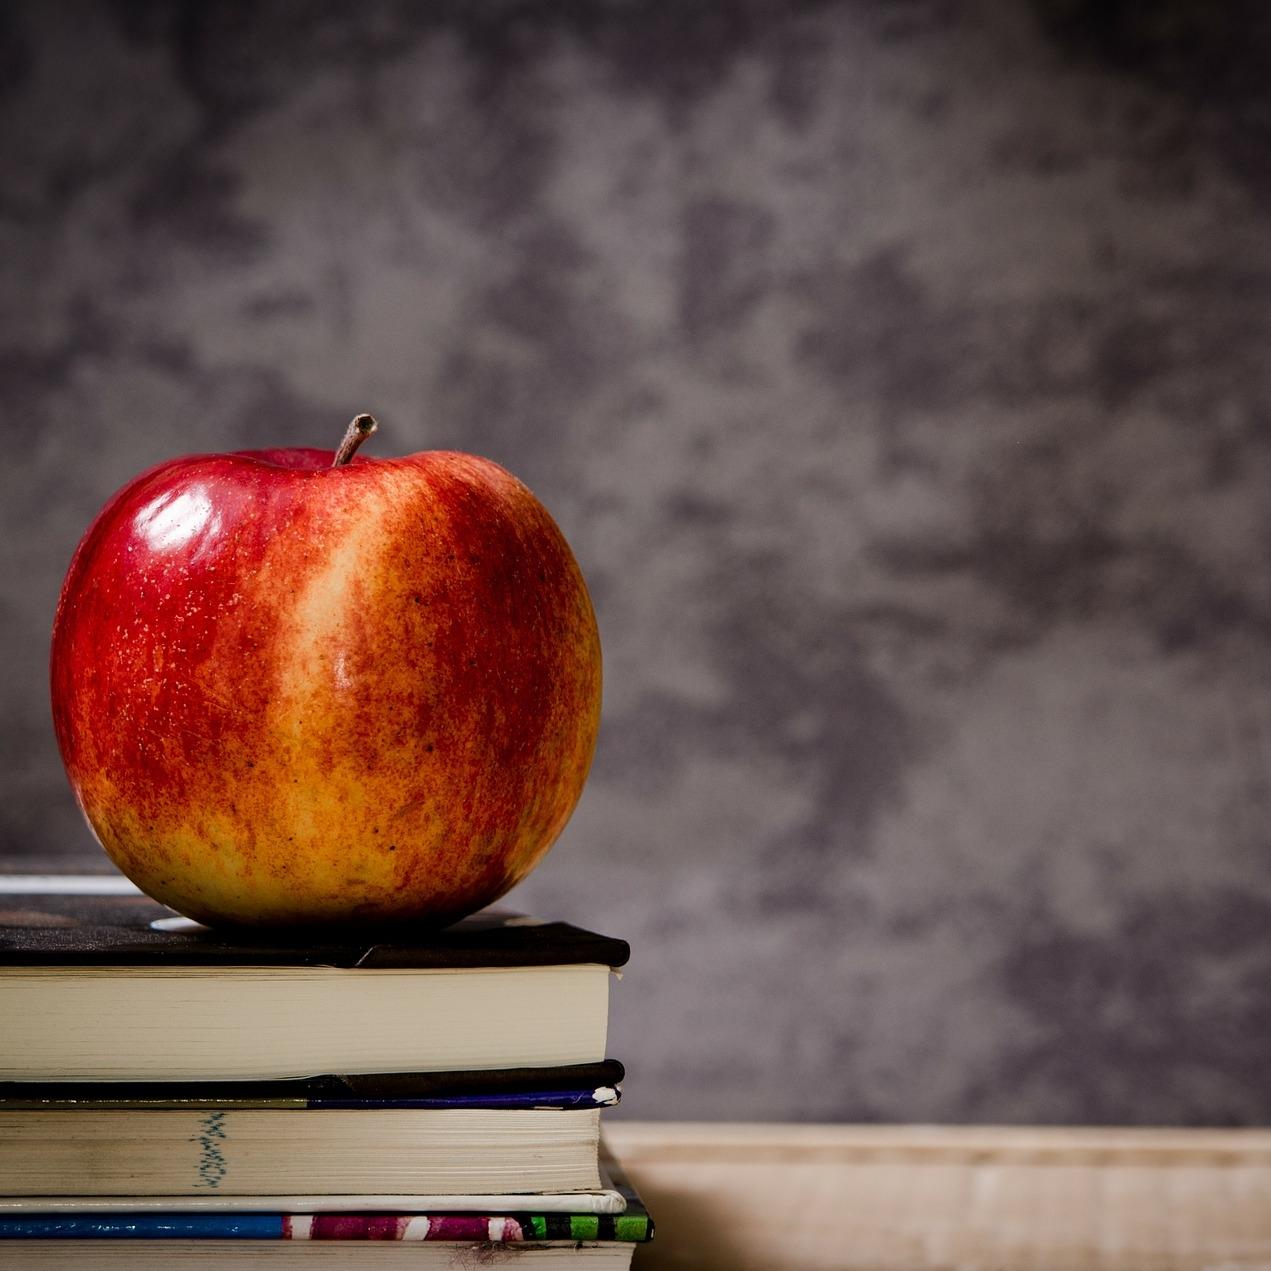 apple on books.jpg